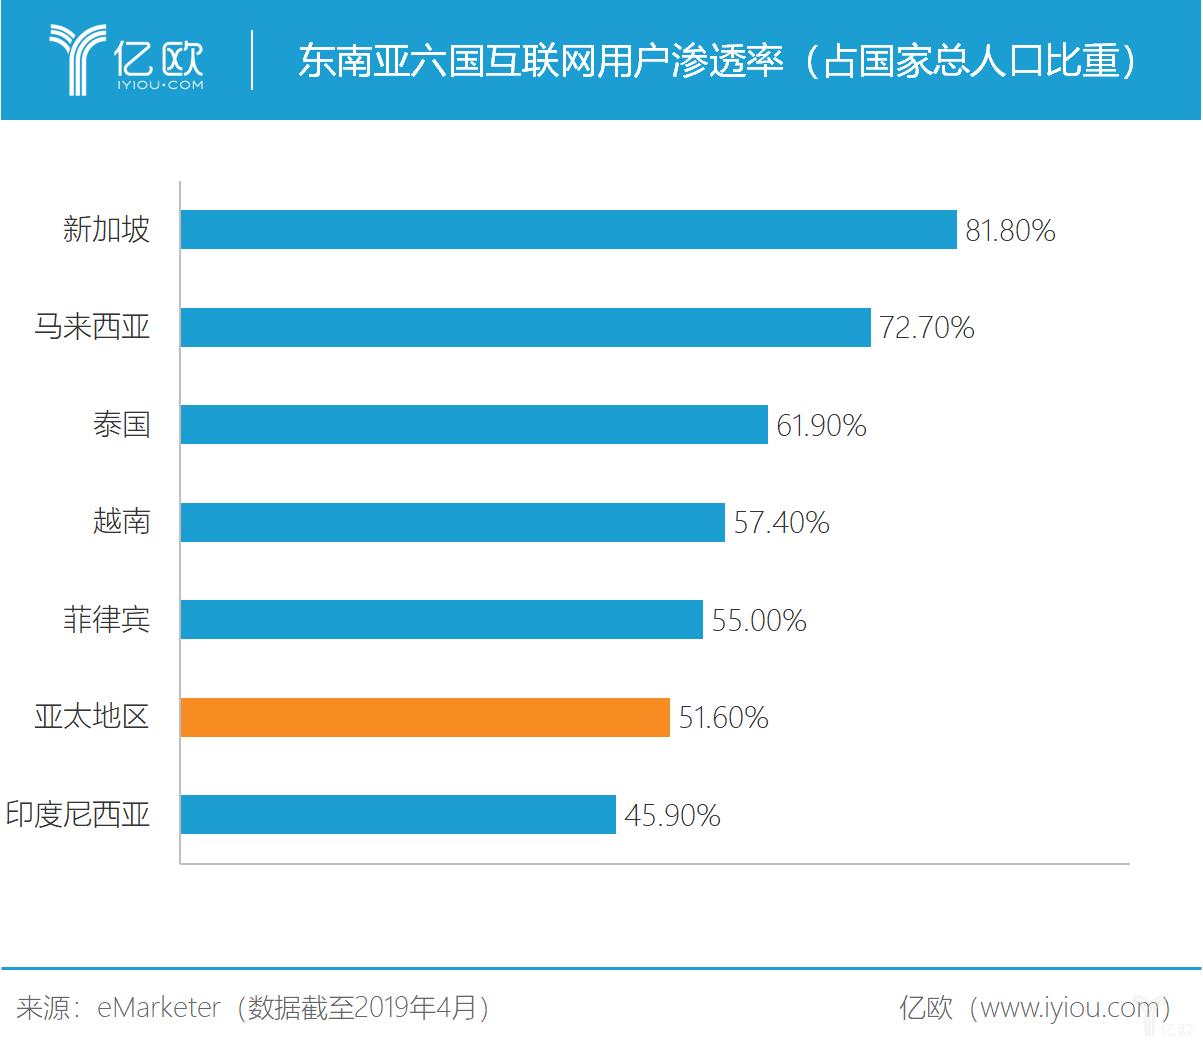 亿欧智库:东南亚六国互联网用户渗透率(占国家总人口比重)